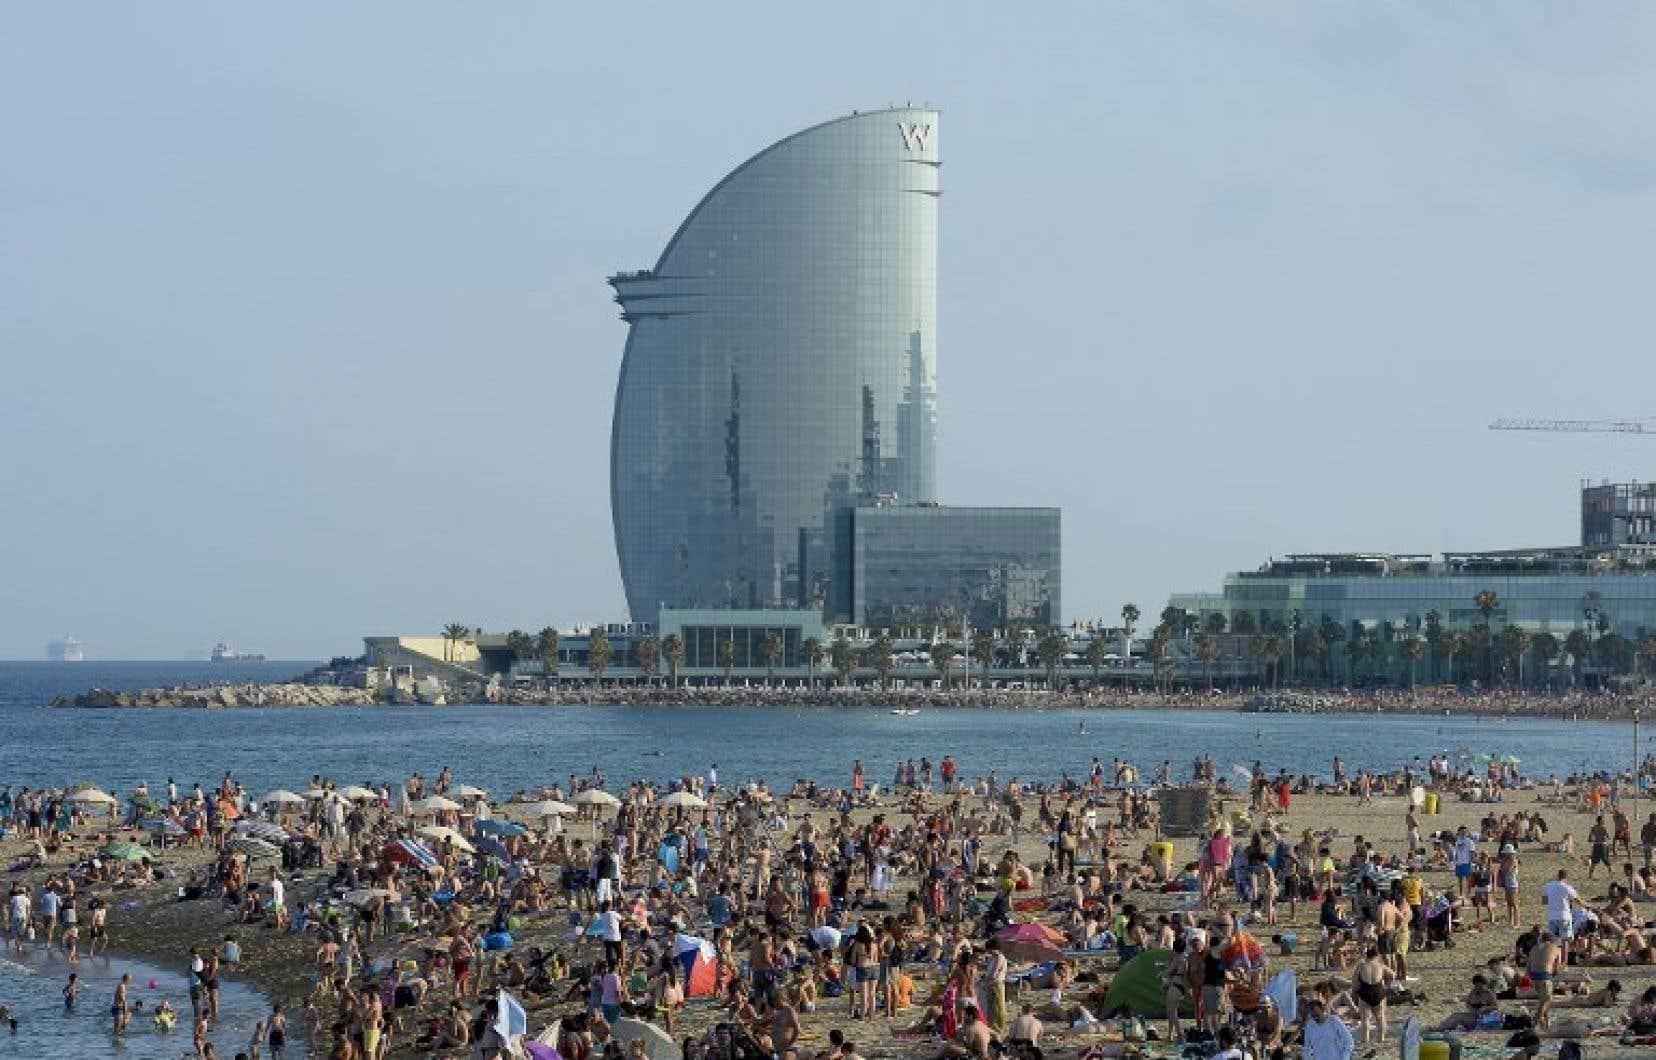 La plage de Barcelone est envahie pendant la saison touristique.